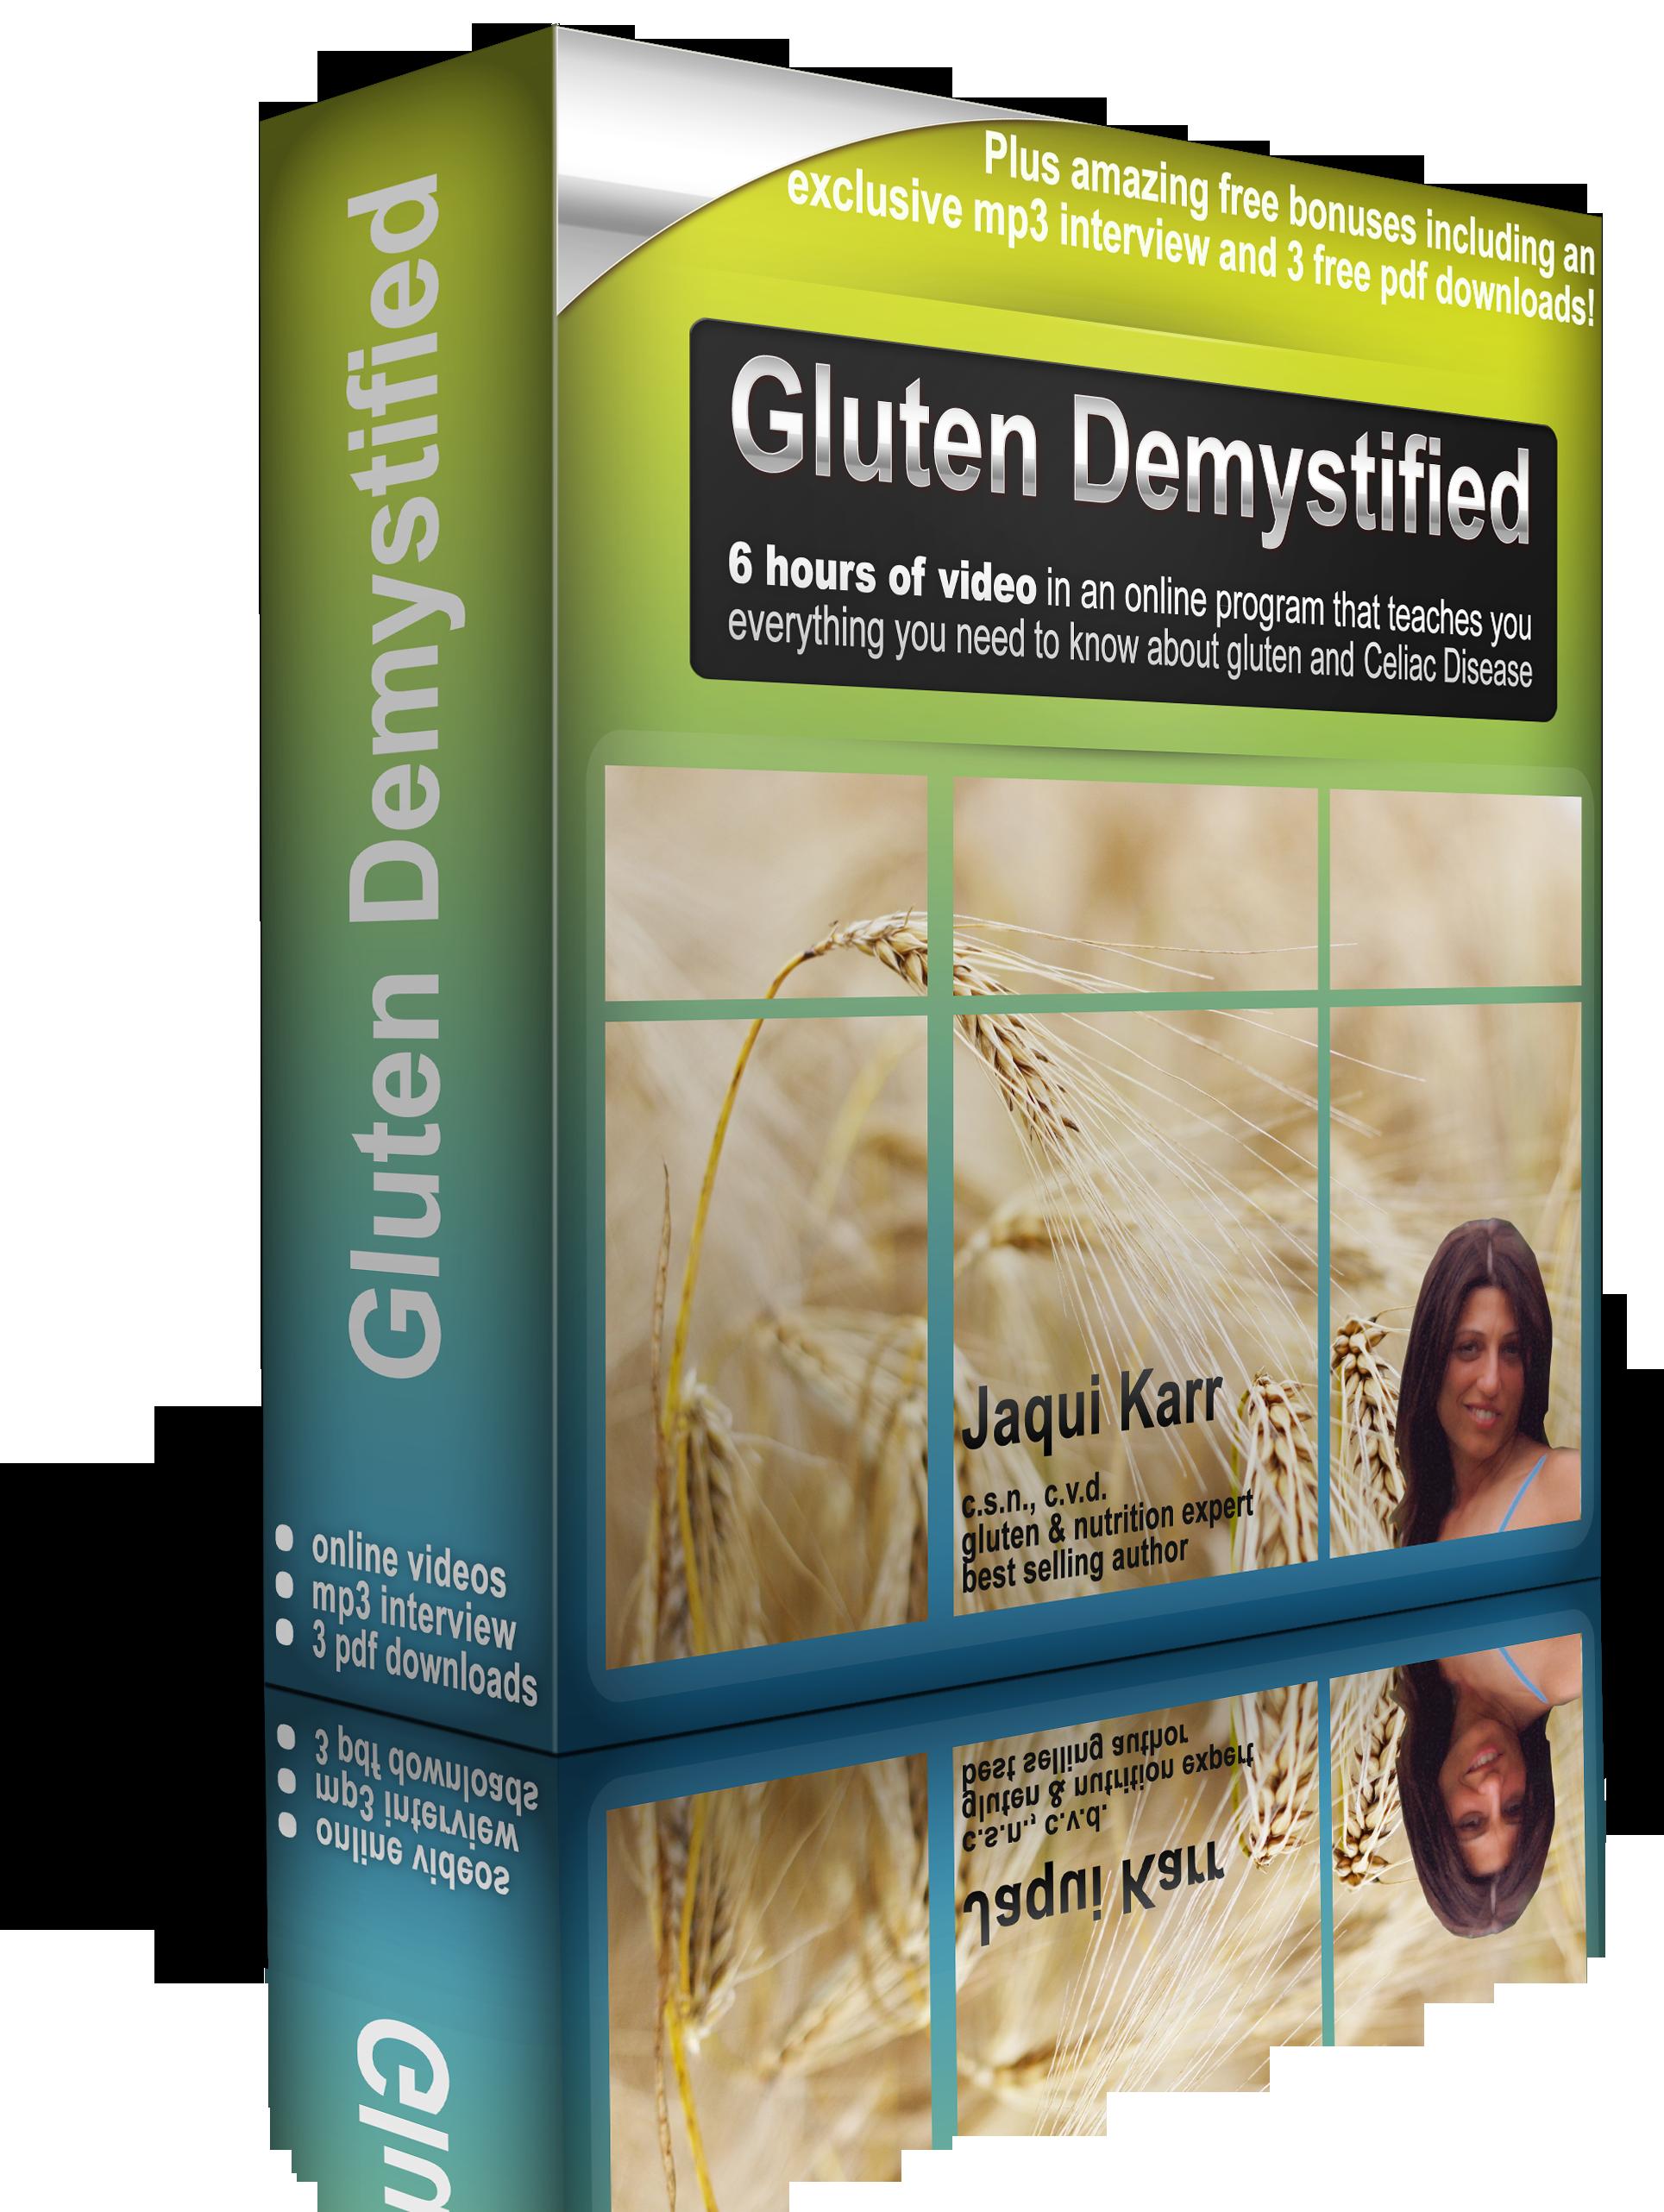 Gluten Demystified